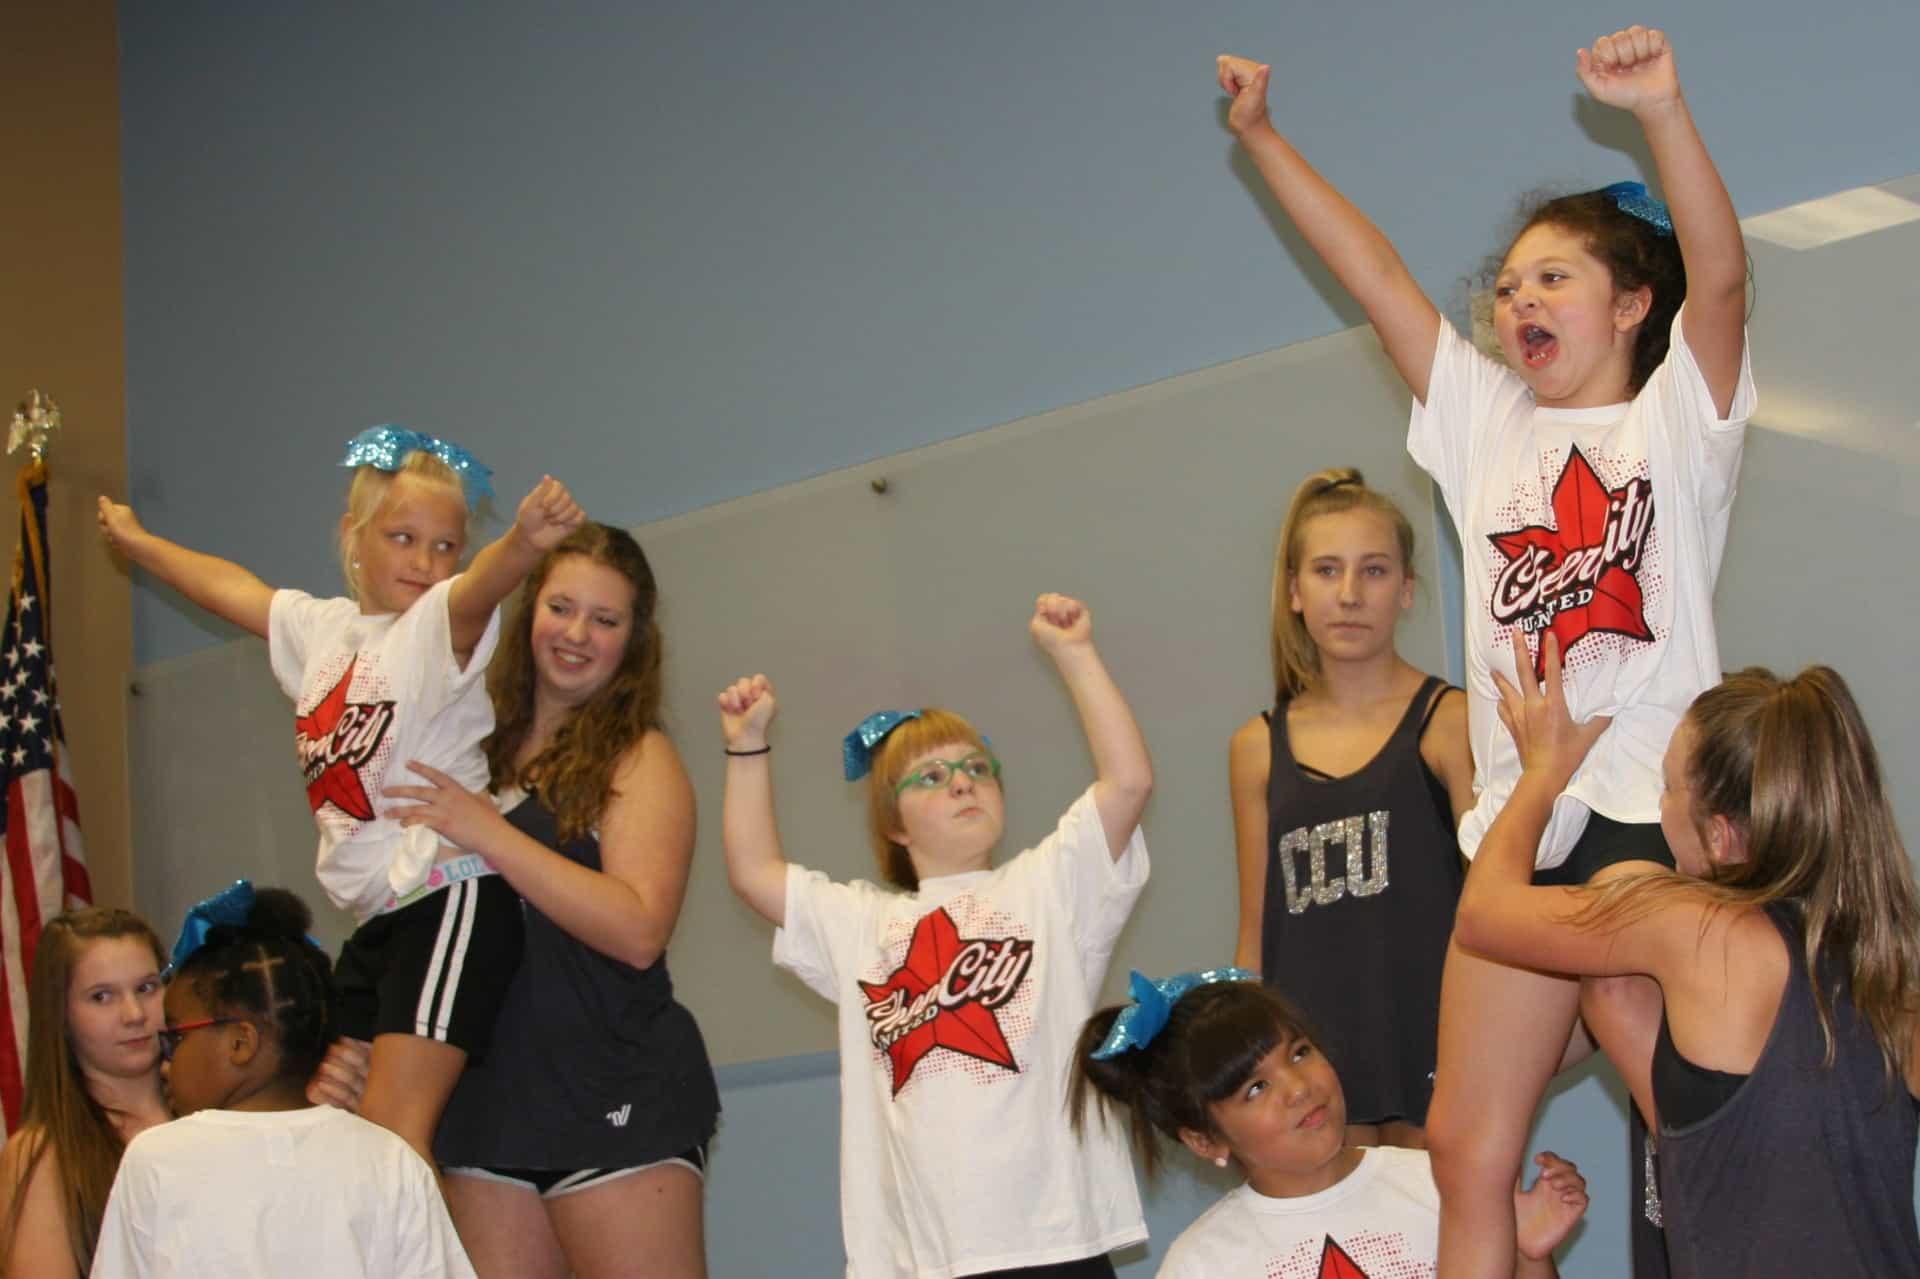 Special needs cheerleaders